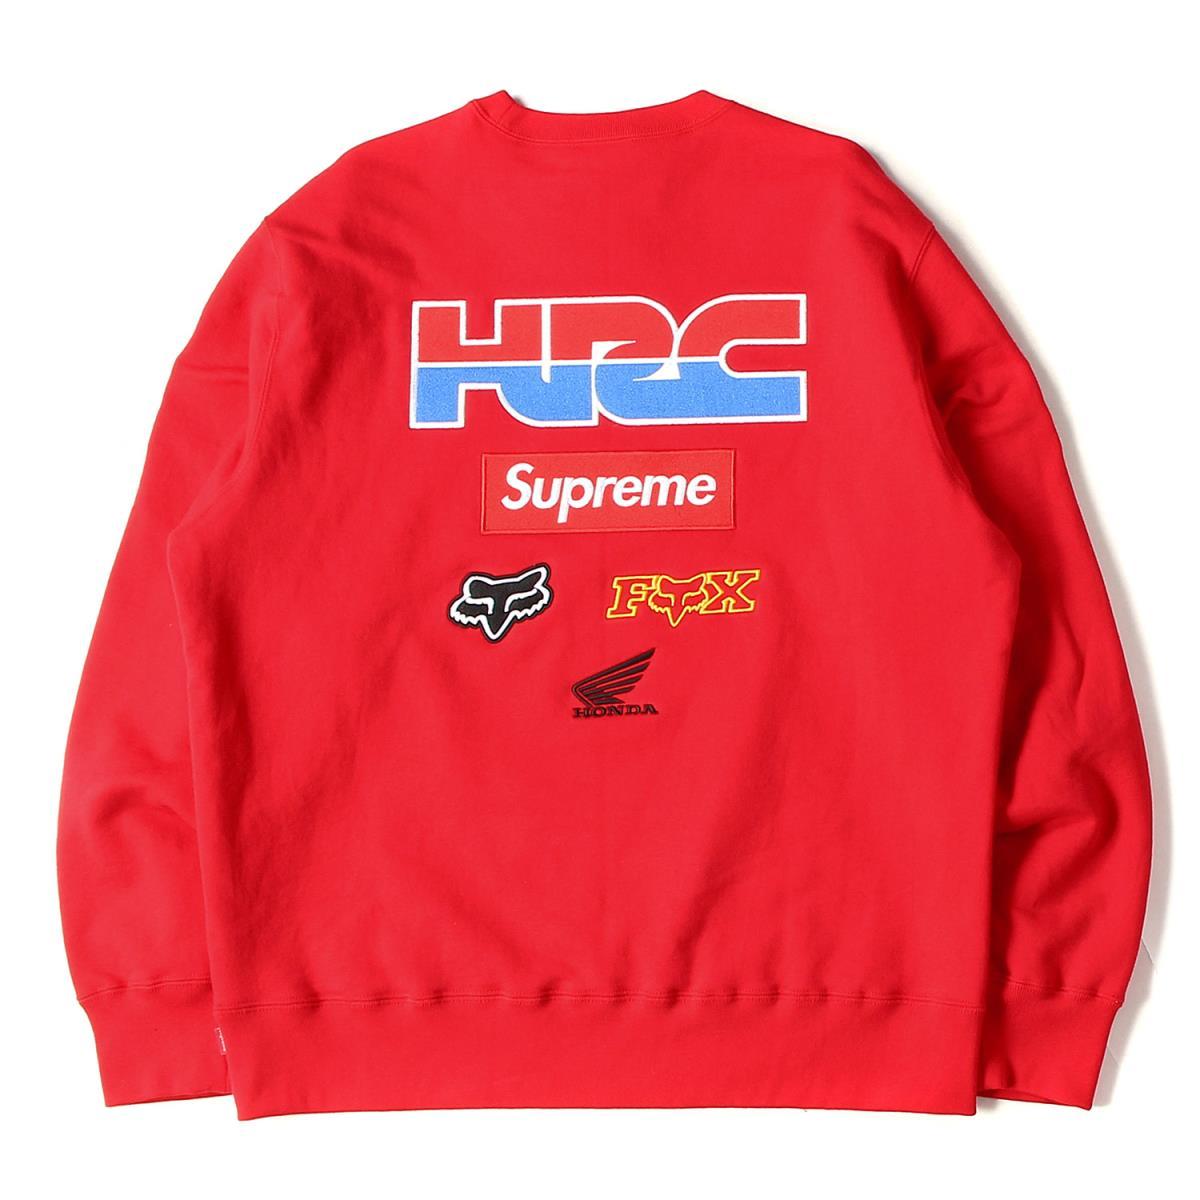 Supreme シュプリーム スウェット 19AW × HONDA × Fox Racing BOXロゴ クルーネック スウェット Crewneck レッド L 【メンズ】【K2572】